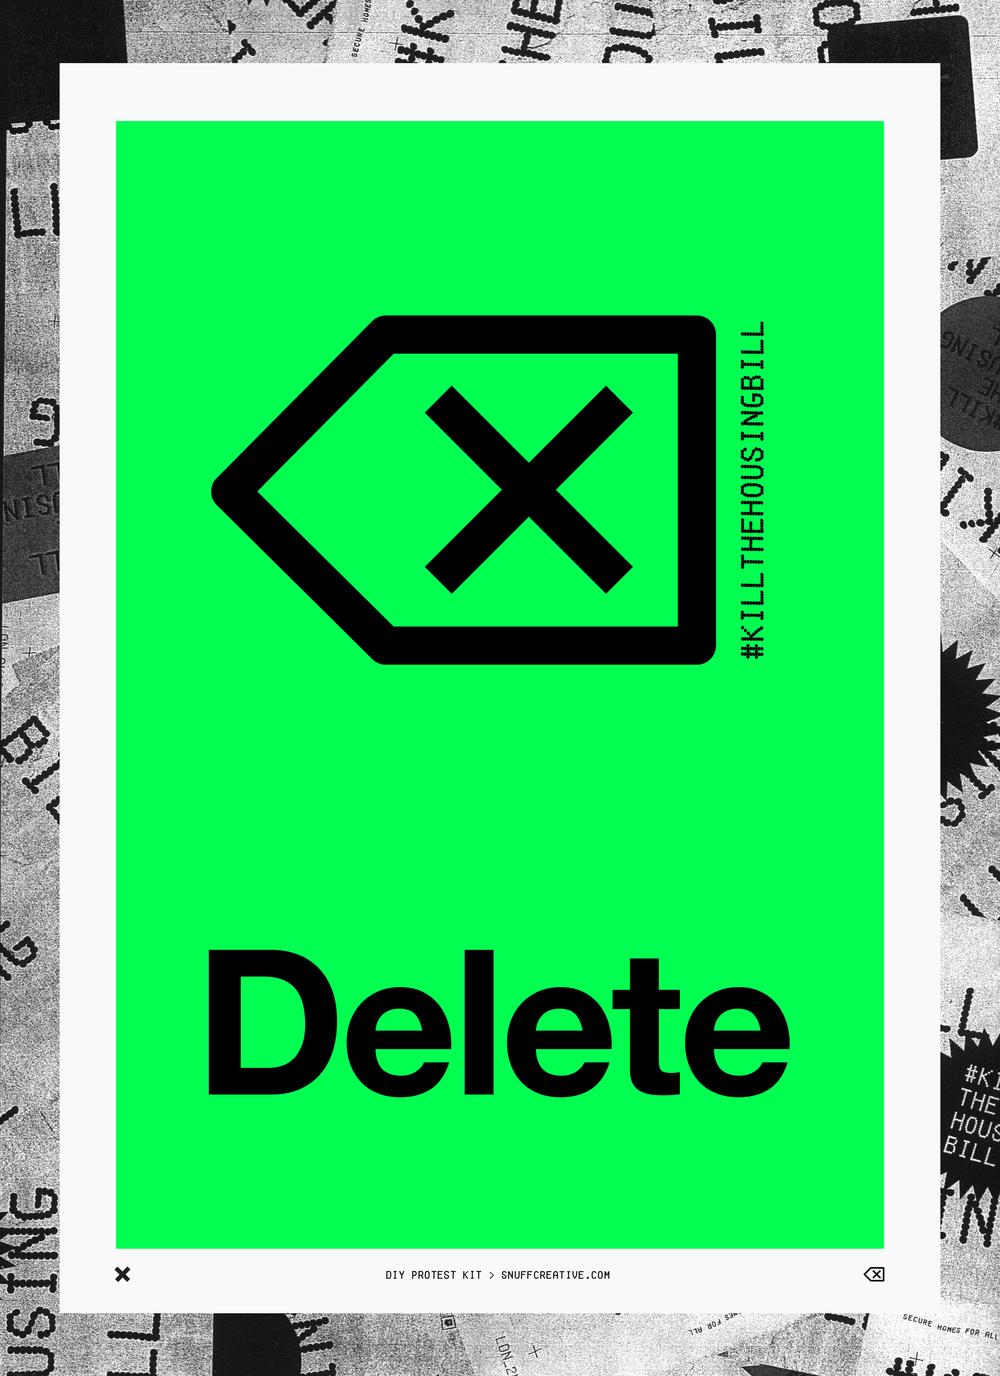 DELETE5.jpg